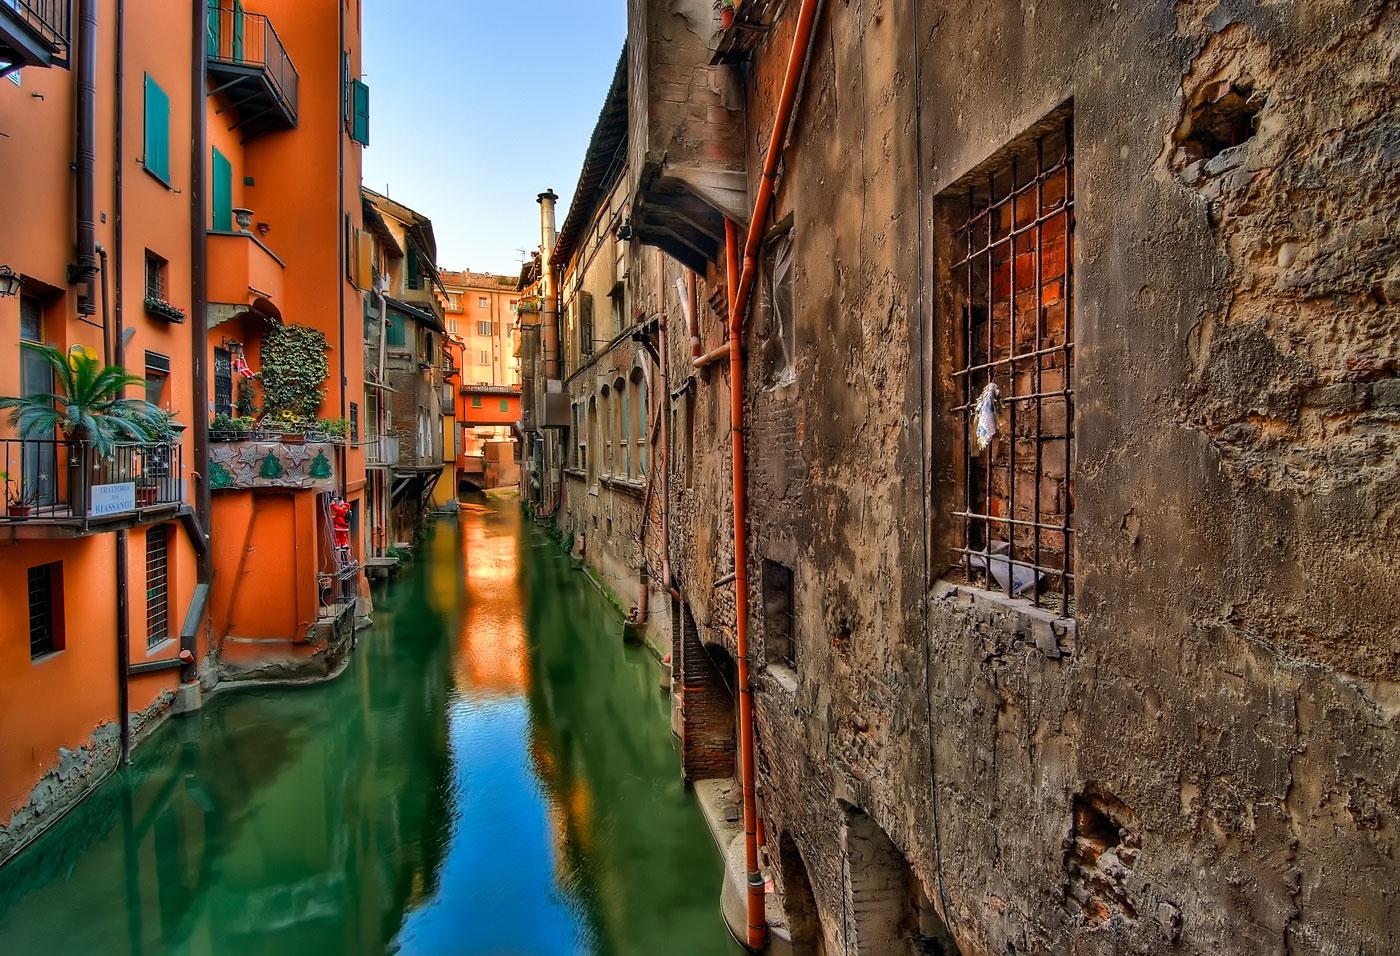 Canale delle moline bologna tgtourism - Bologna finestra sul canale ...